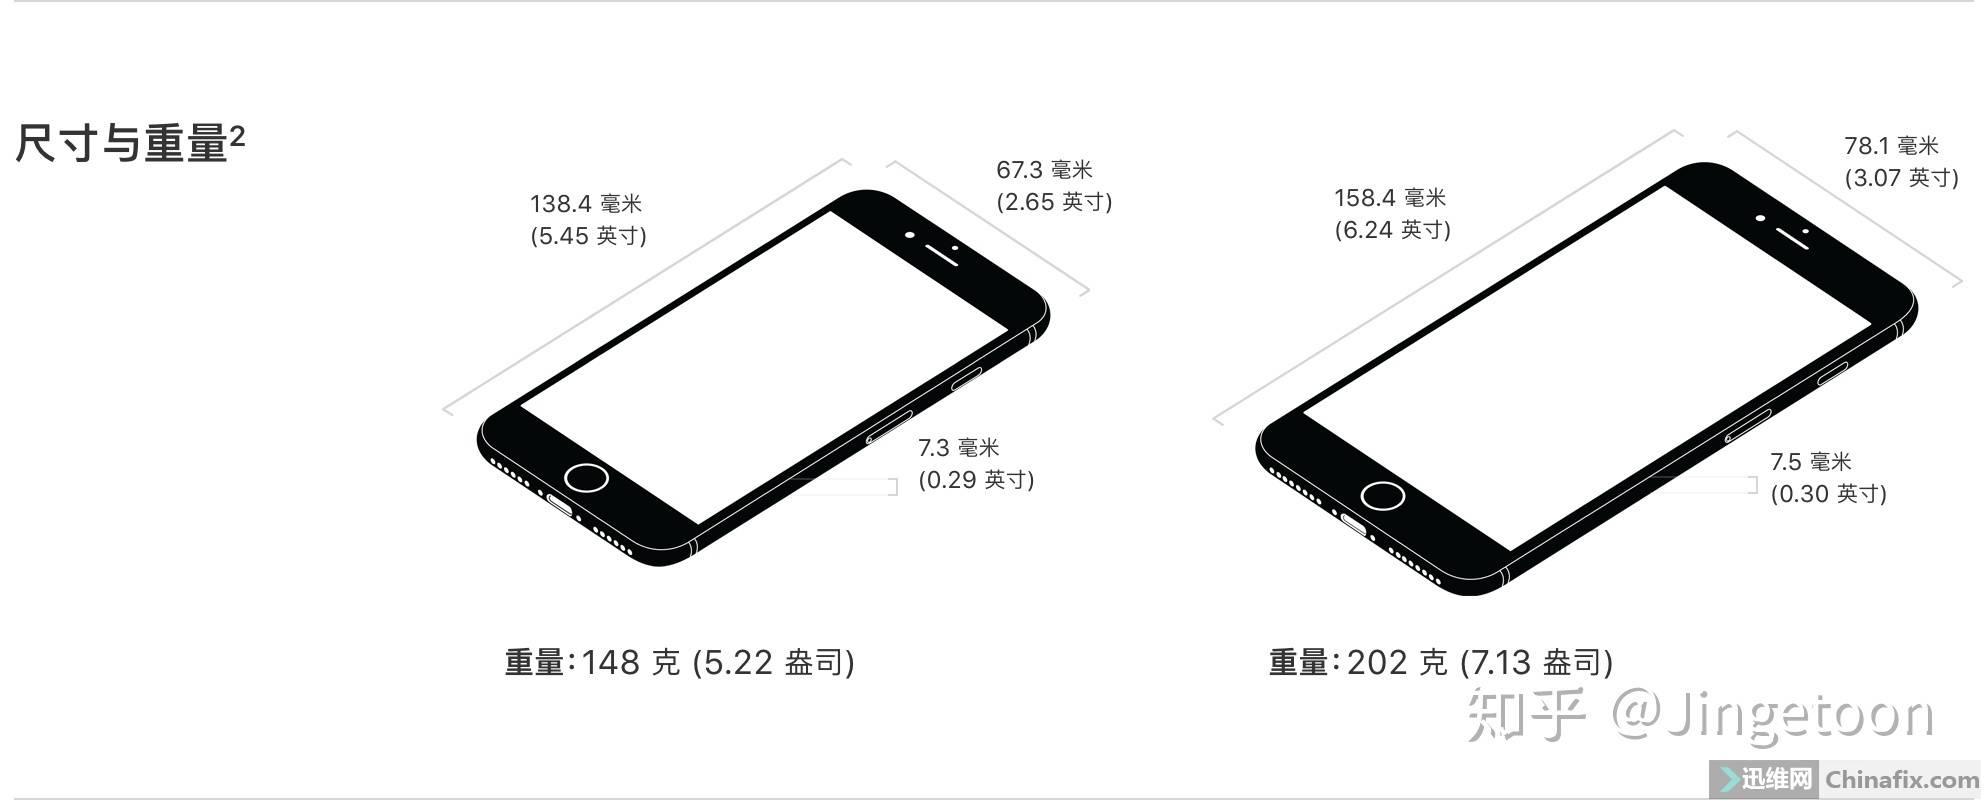 如何看待苹果 2018 年推出的 iPhone XR?配置和性能如何?-5.jpg